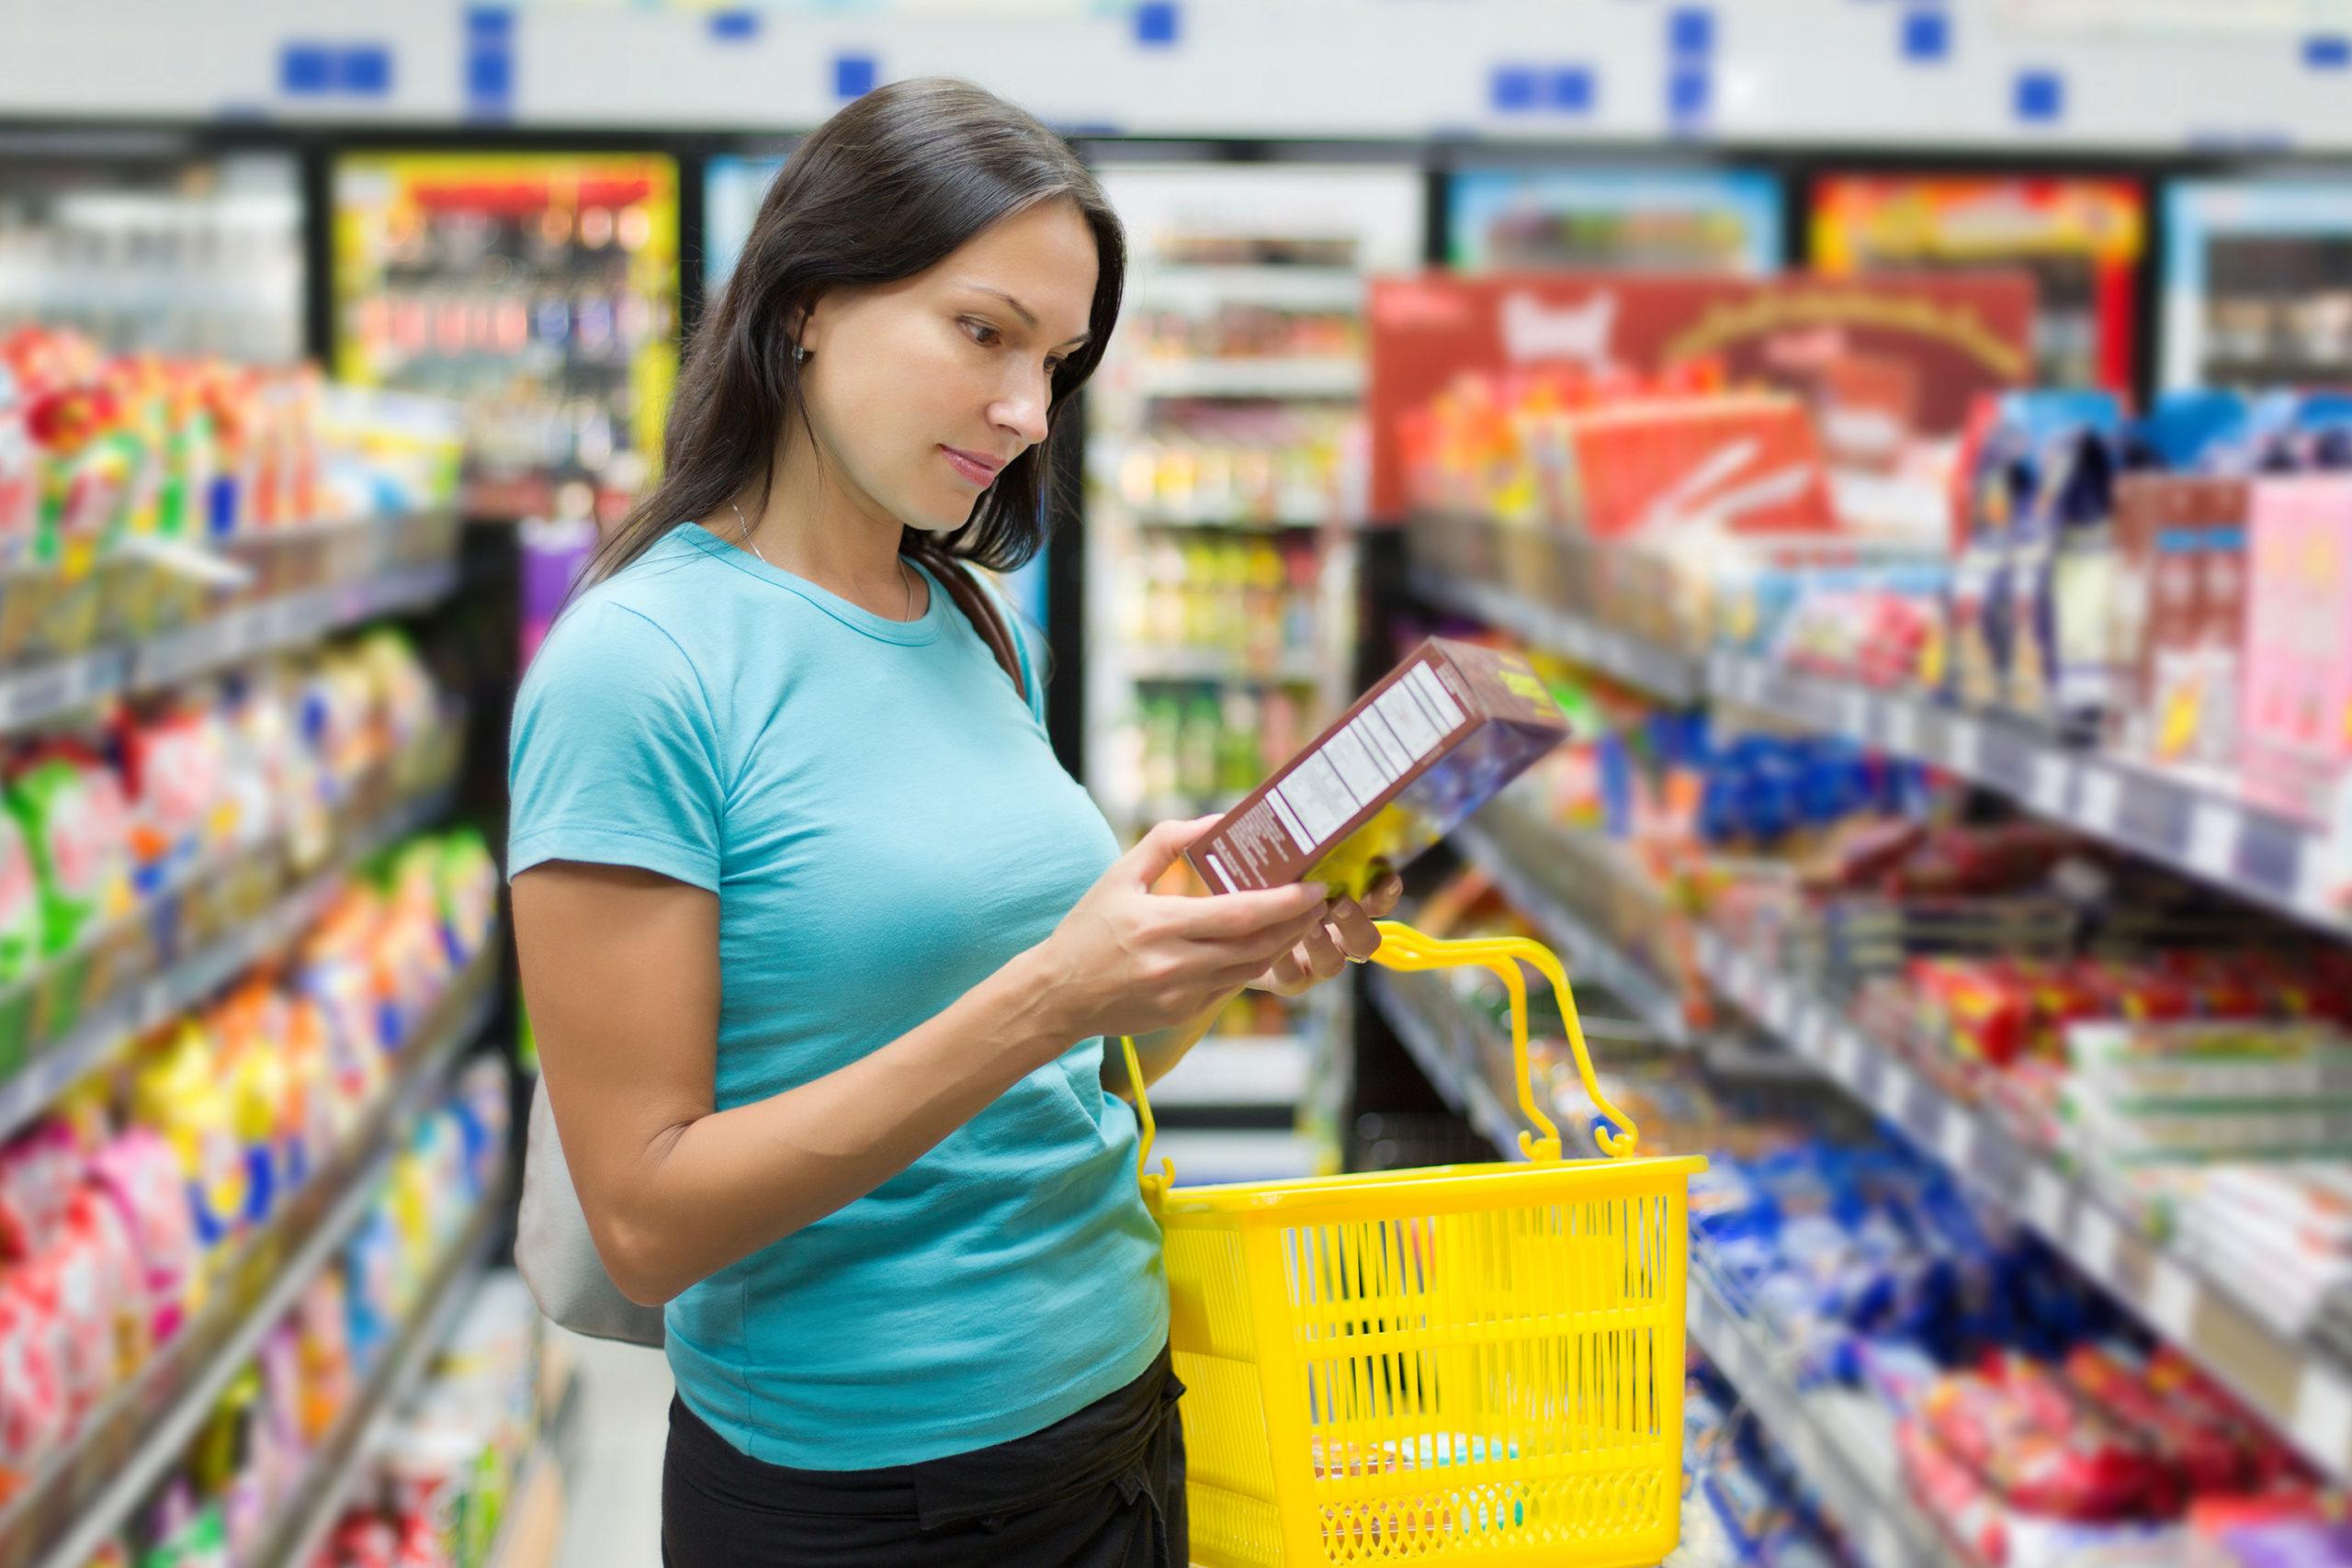 Bezpieczeństwo żywności najważniejsze dla konsumentów